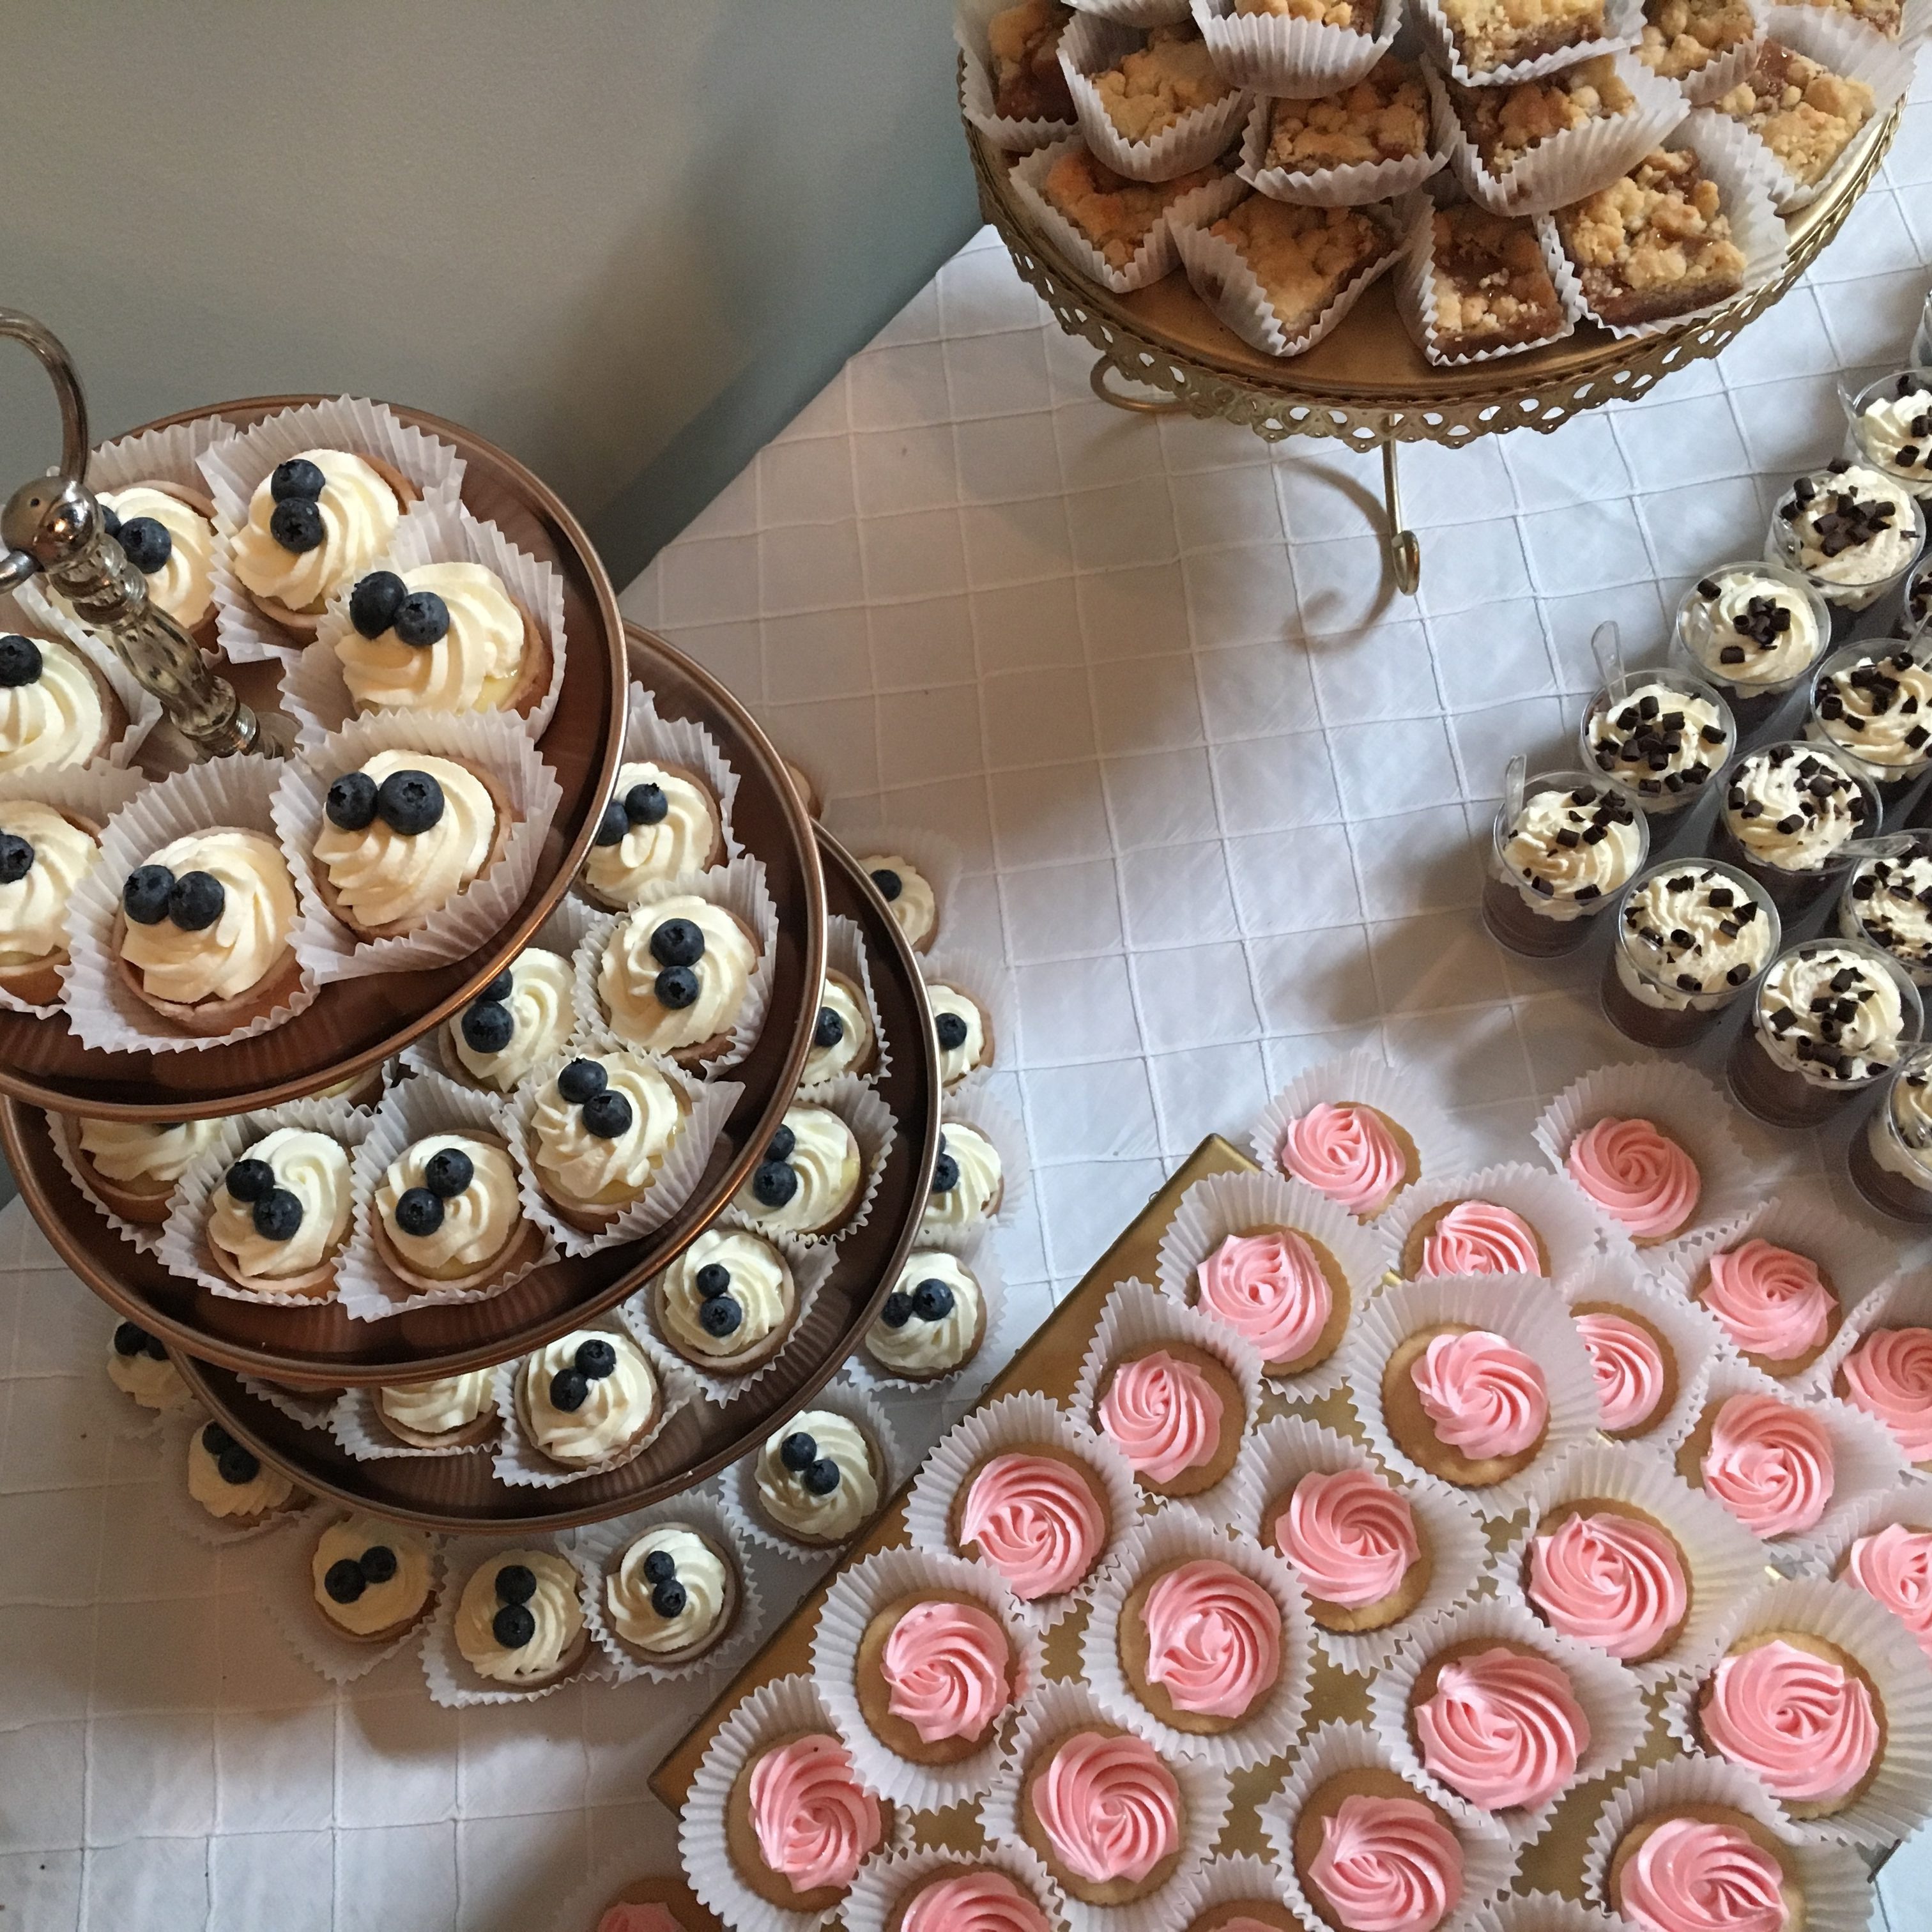 https://delicatelydelicious.com/wp-content/uploads/2019/05/Dessert-Table-1-e1557248376640.jpg